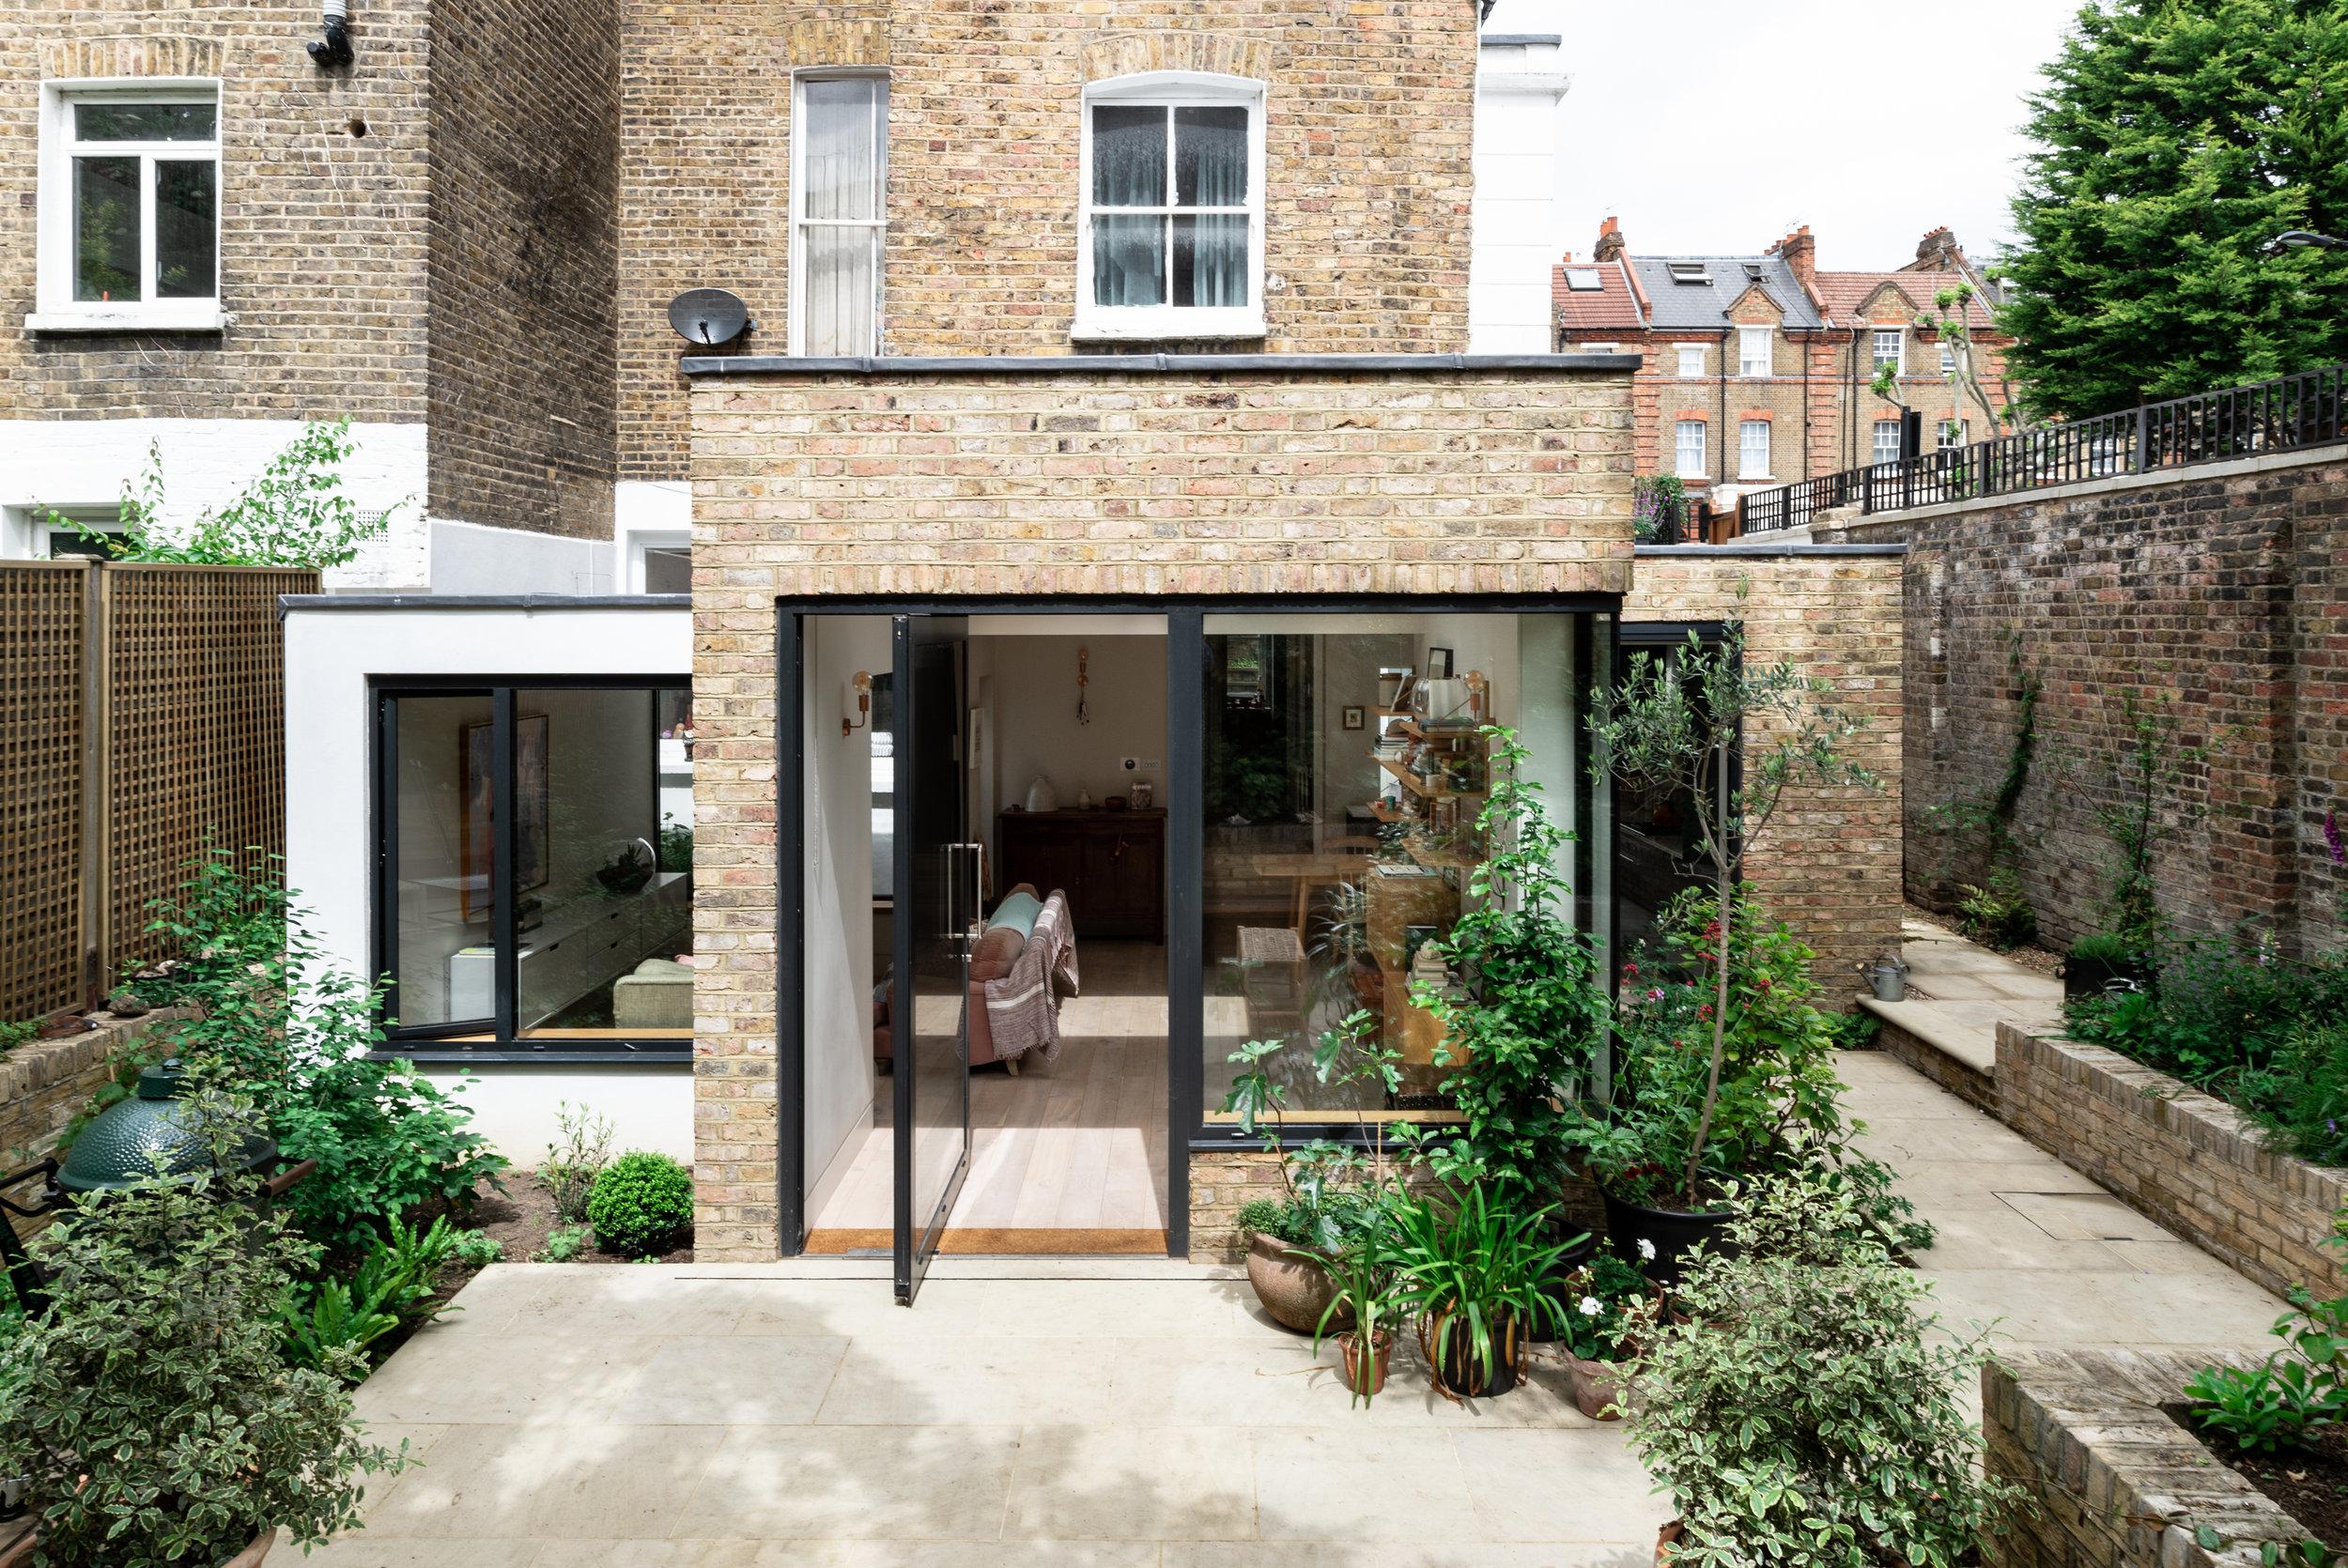 Elgin Avenue Elevation - MW Architects